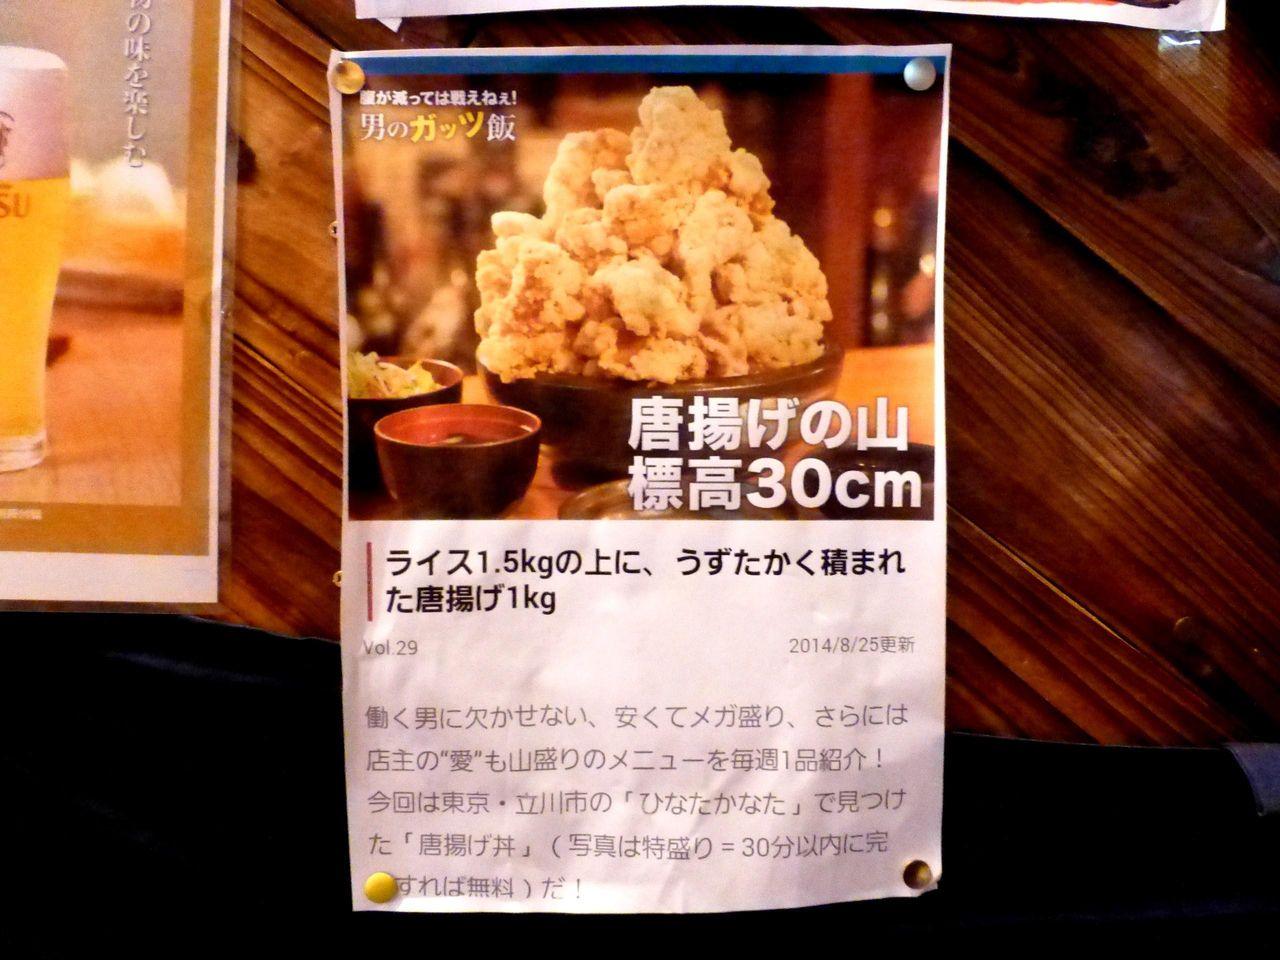 チャレンジメニューの唐揚げ丼特盛は、なんと総重量2.5キロ!